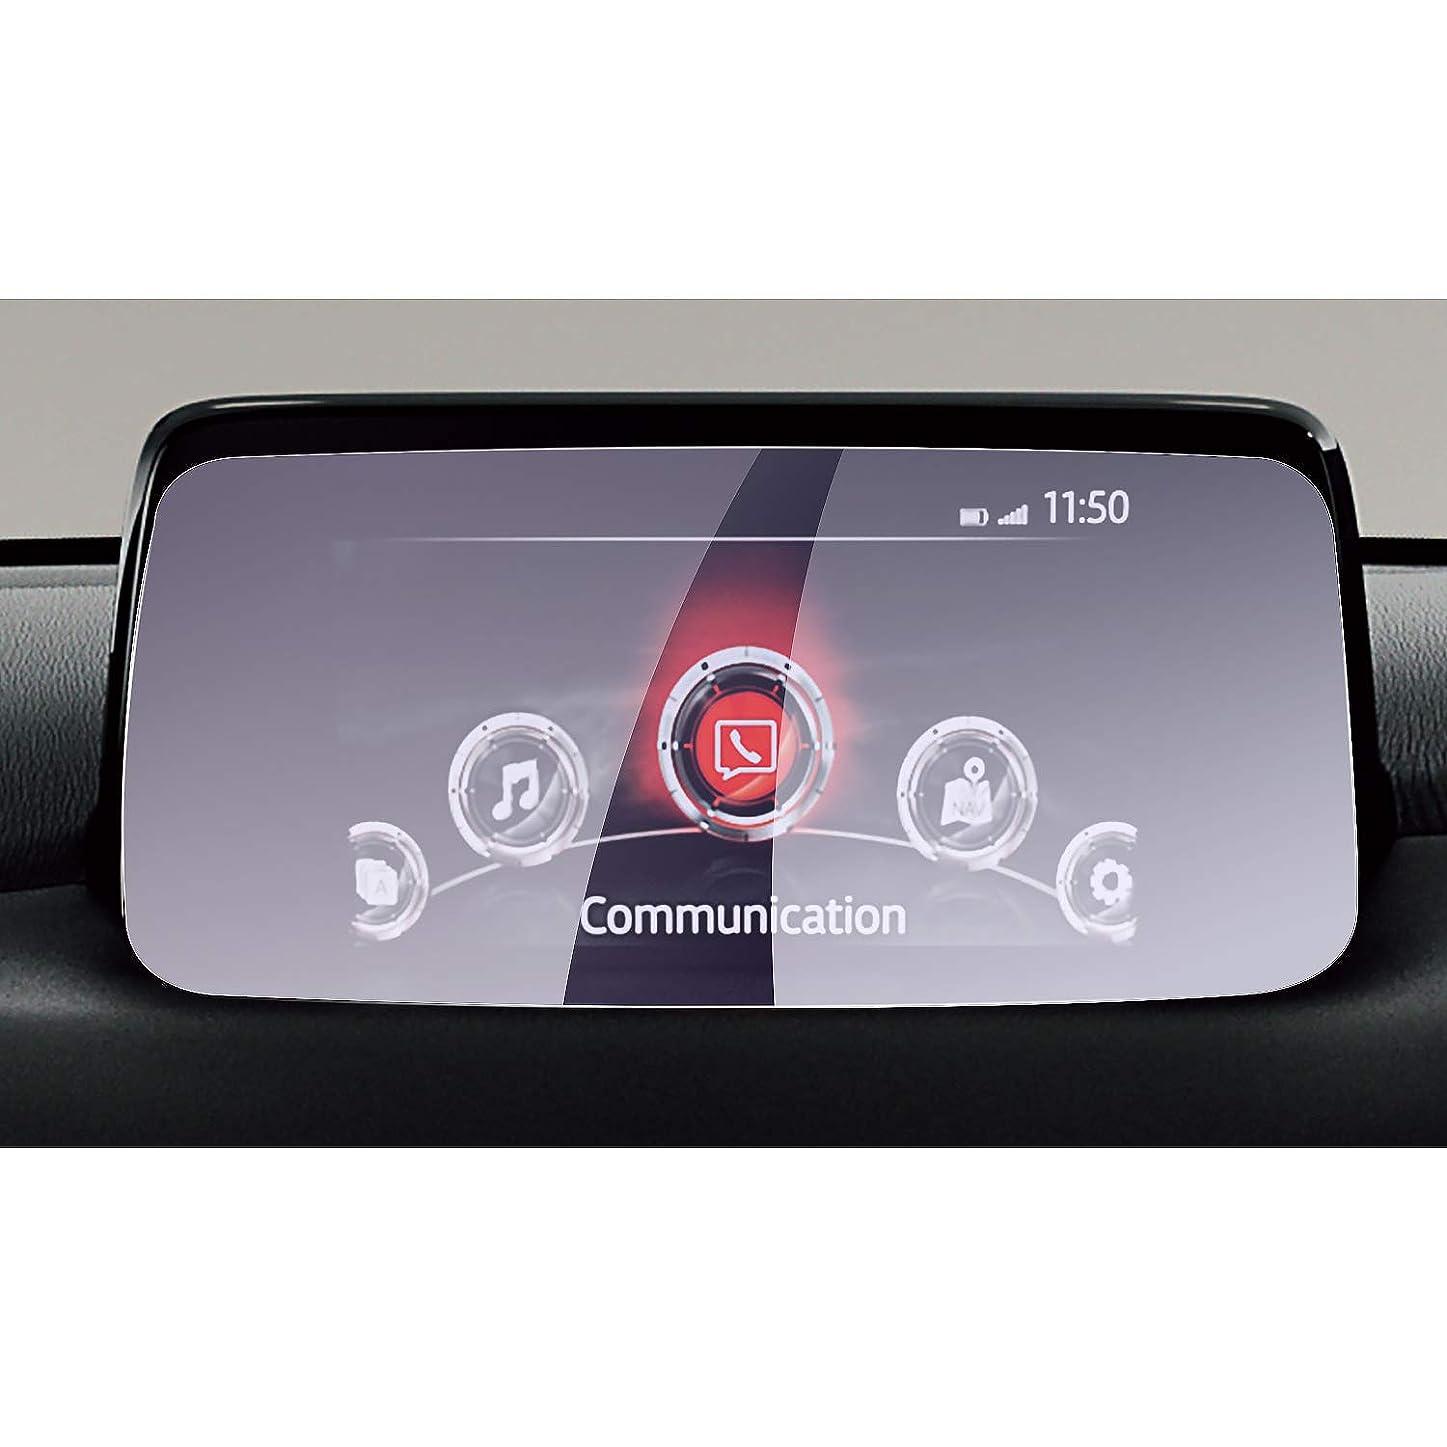 ブロートピック逆に【RUIYA ブルーライトカット】Mazda マツダ CX-8 (2017-2019現行) ナビ専用 強化ガラスフィルム 保護フィルム 9H硬度 目を保護